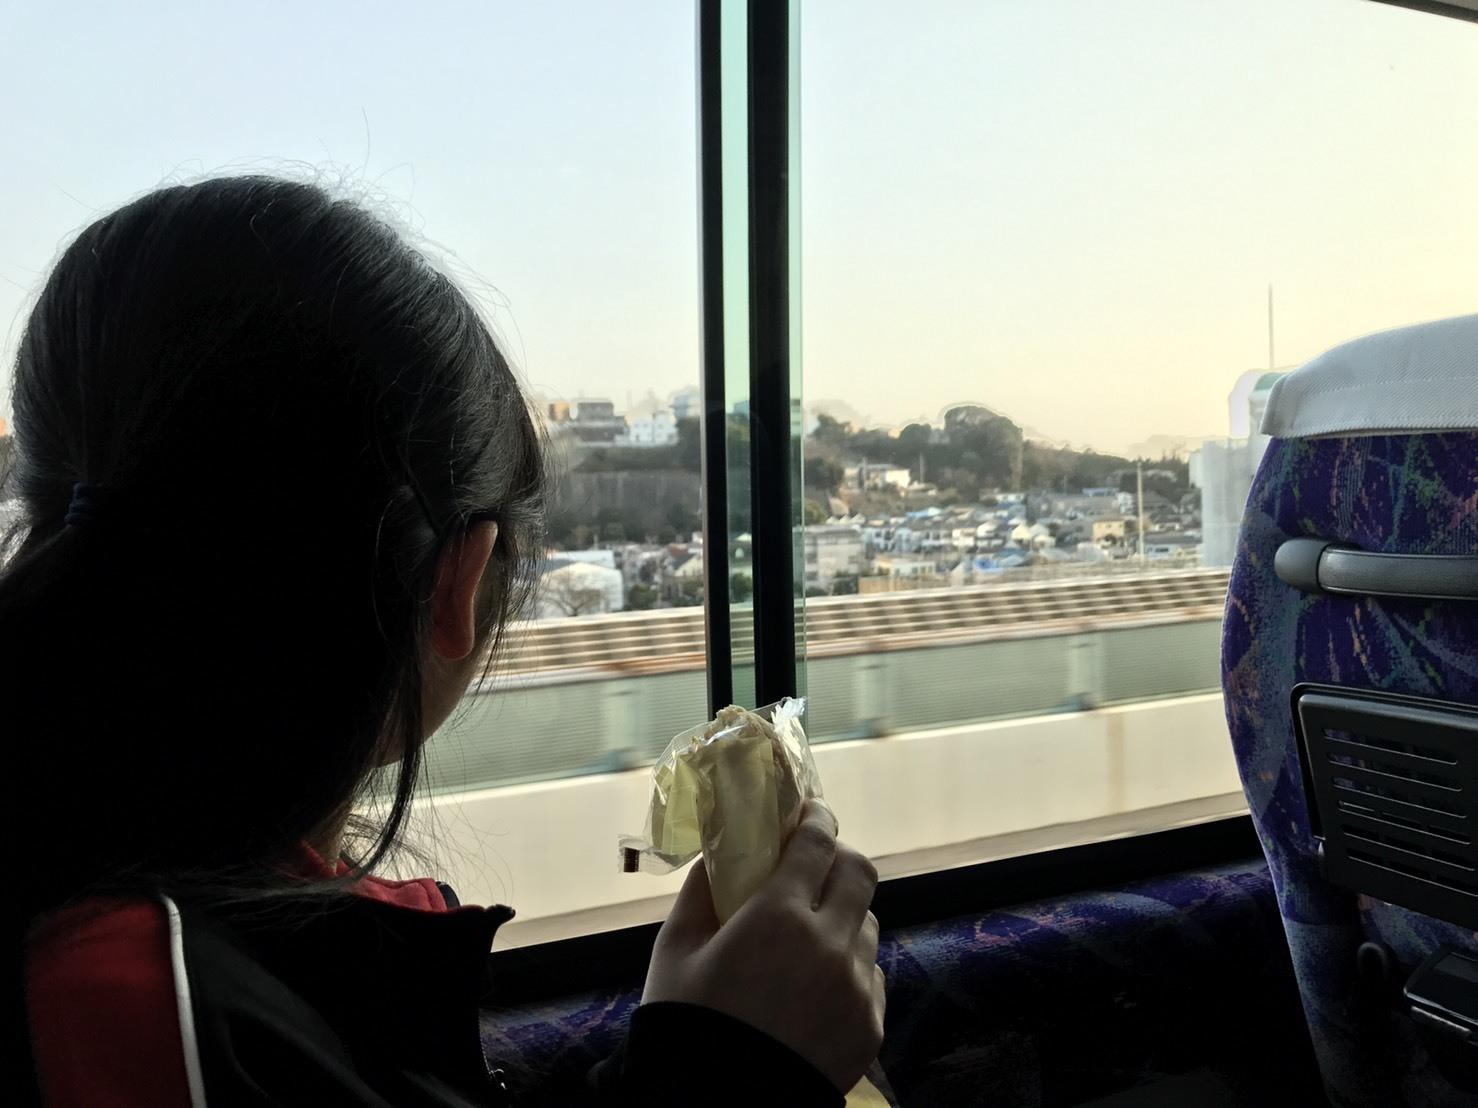 2017 03 13 役者 市川円香 catd 秩父農工演劇部 のカツドウキロク